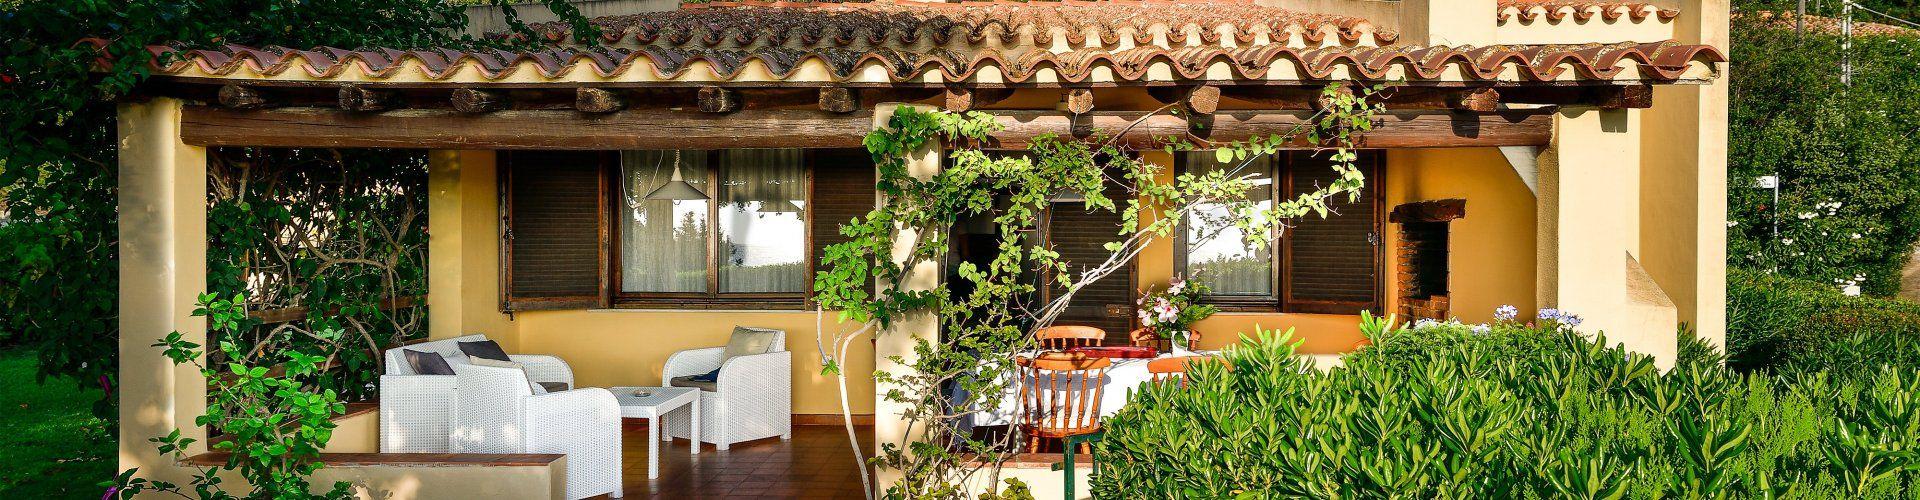 Haus-und Terrassenansicht